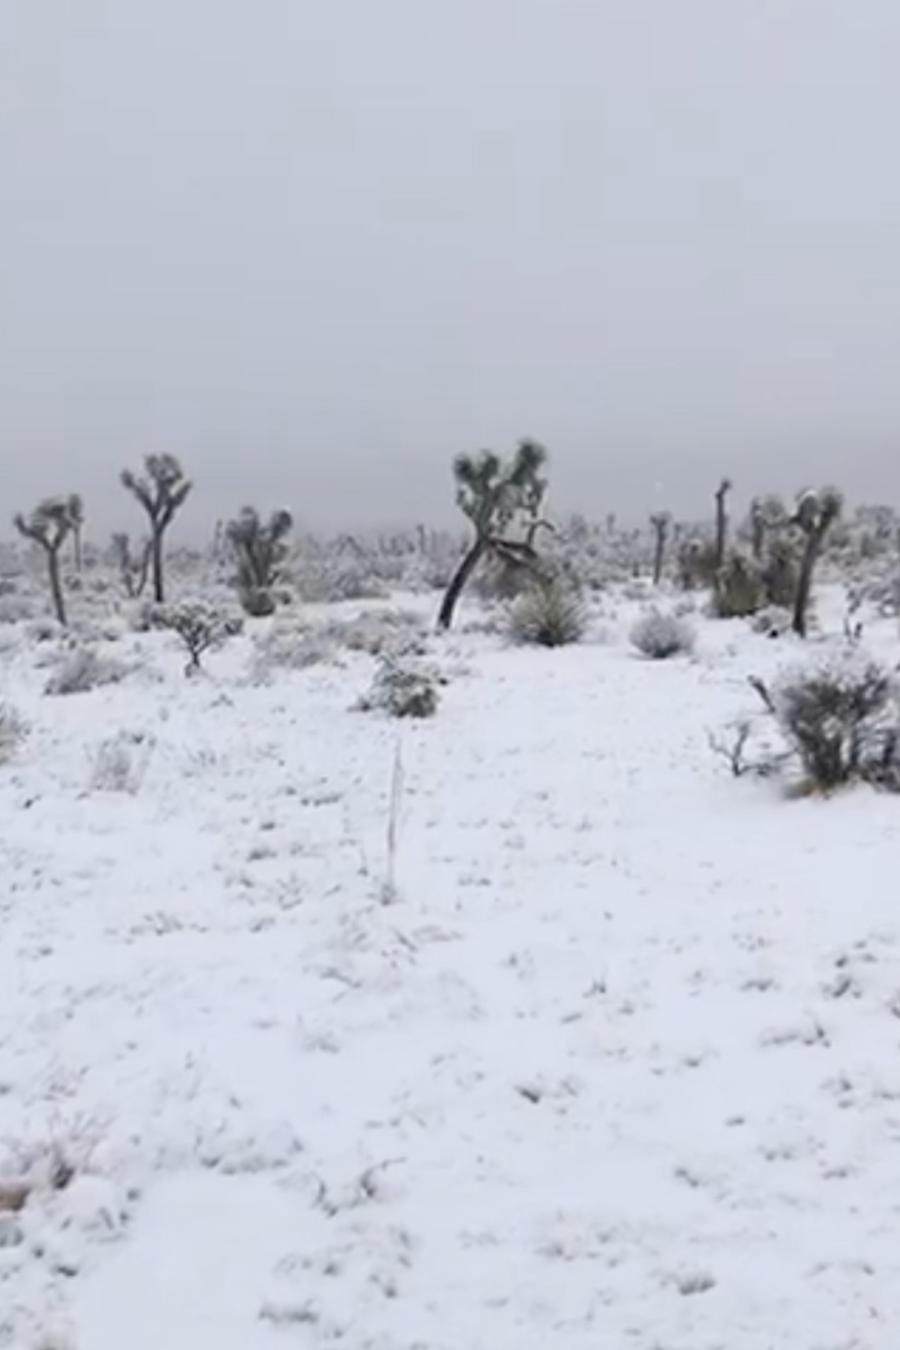 Nieve en California este 26 de diciembre.